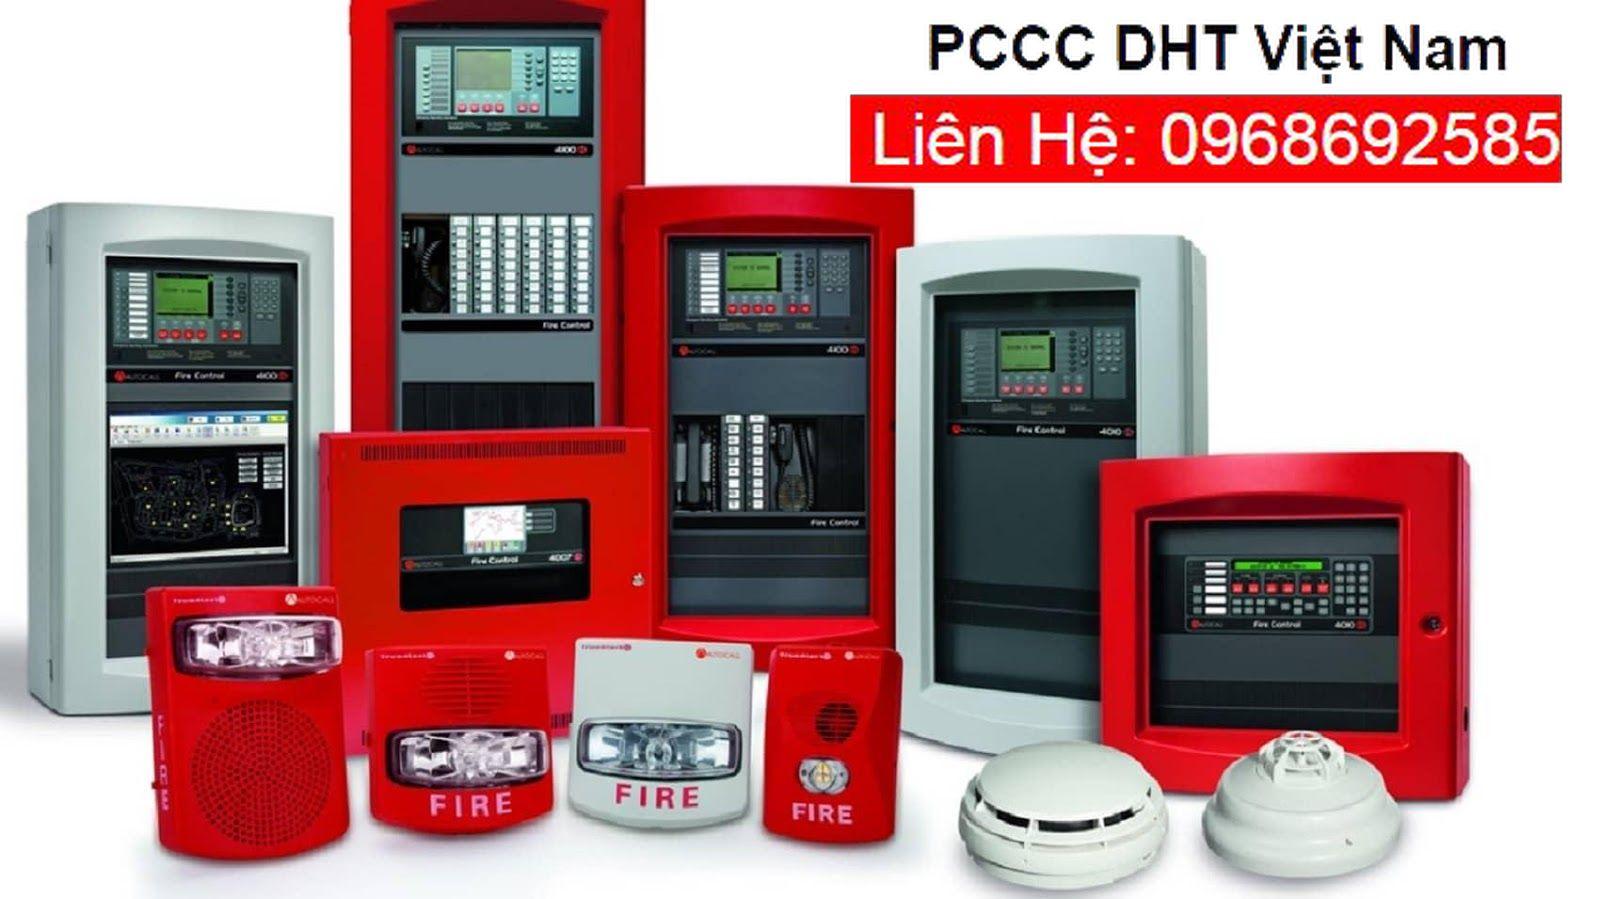 Thiết bị PCCC tại DHT Việt Nam